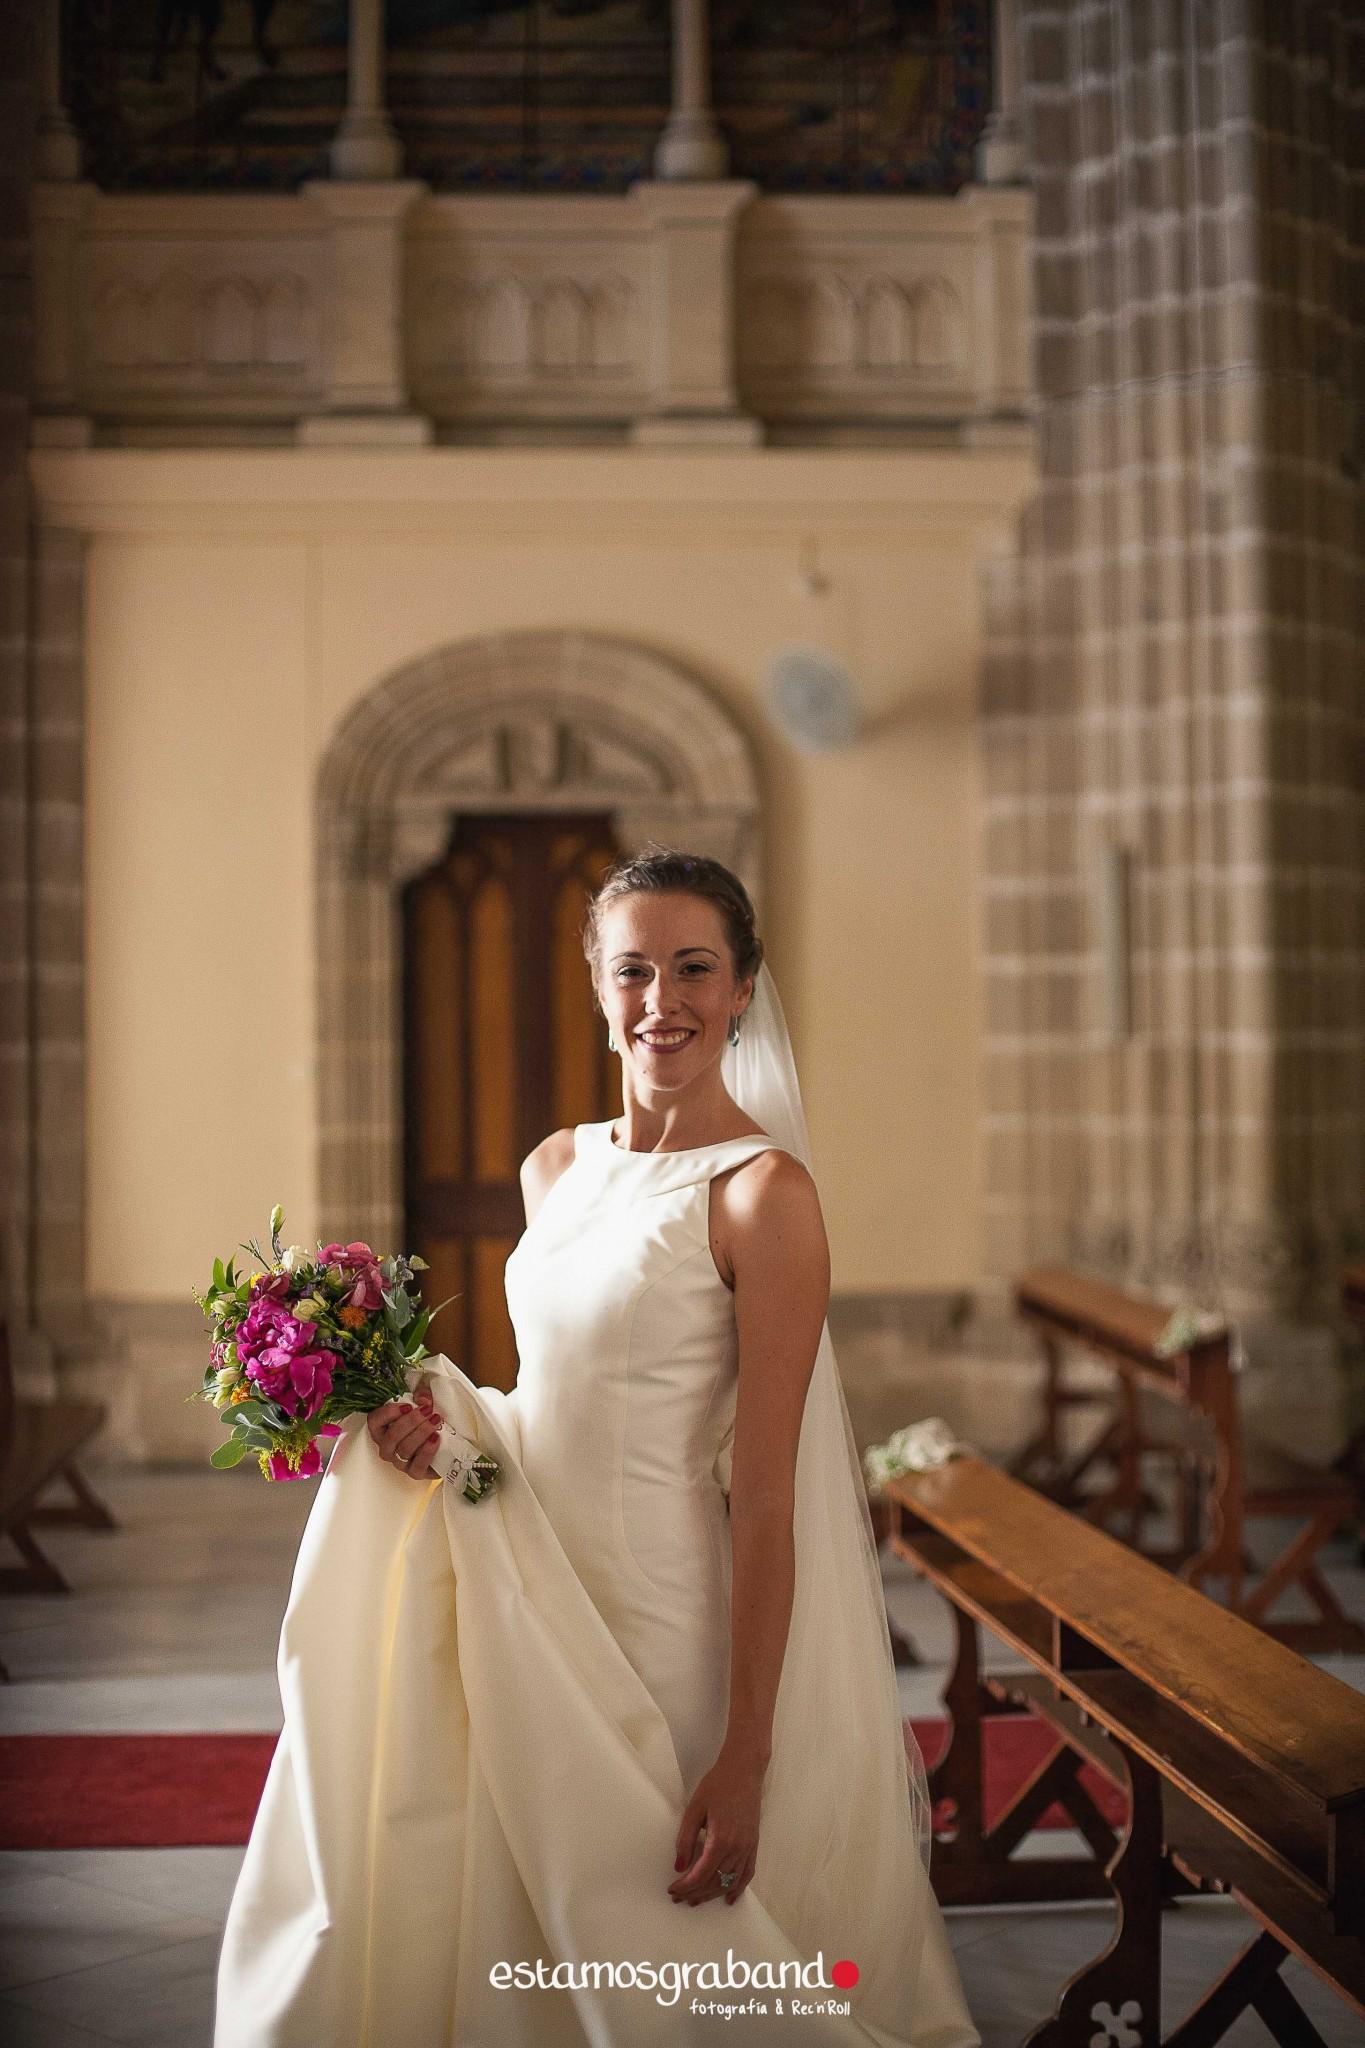 fotografo-de-bodas-jerez_mari-paz-jaime_bodegas-tradiciocc81n-31 32 escalones [Fotografía de bodas Jerez_Mari Paz & Jaime] - video boda cadiz